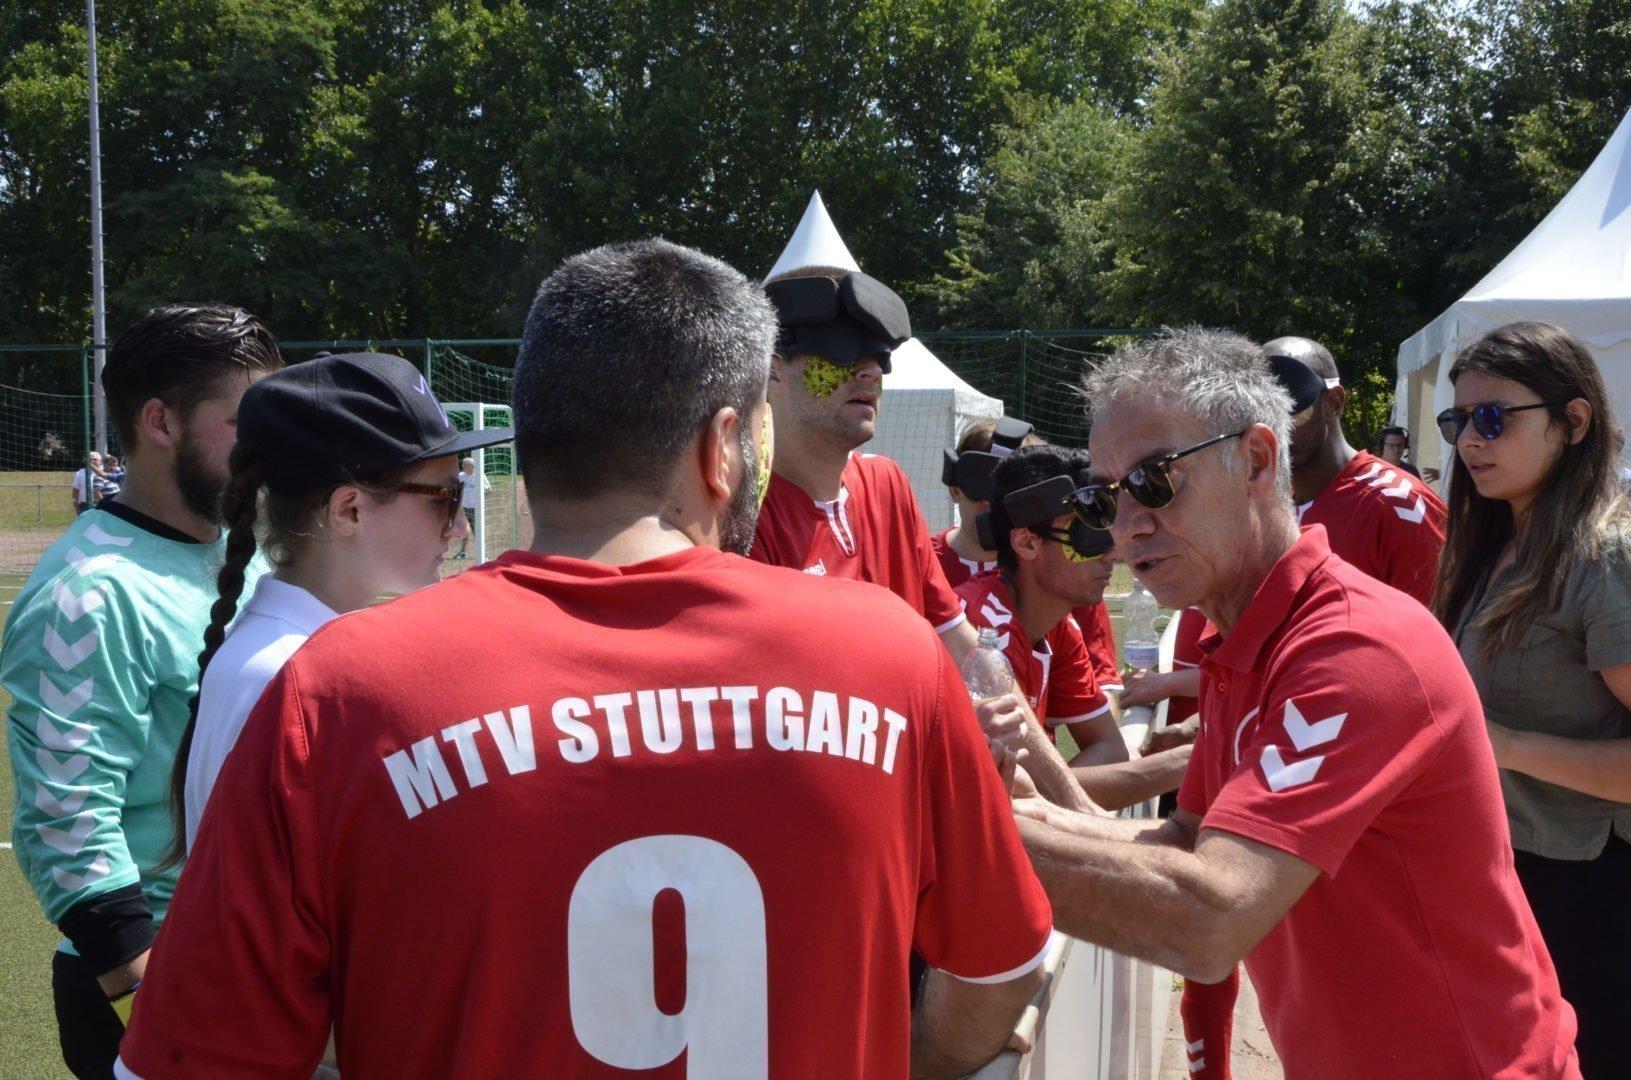 Der Trainer des MTV Stuttgart, Giuseppe Calaciura, gibt seiner Mannschaft die letzten Anweisungen.